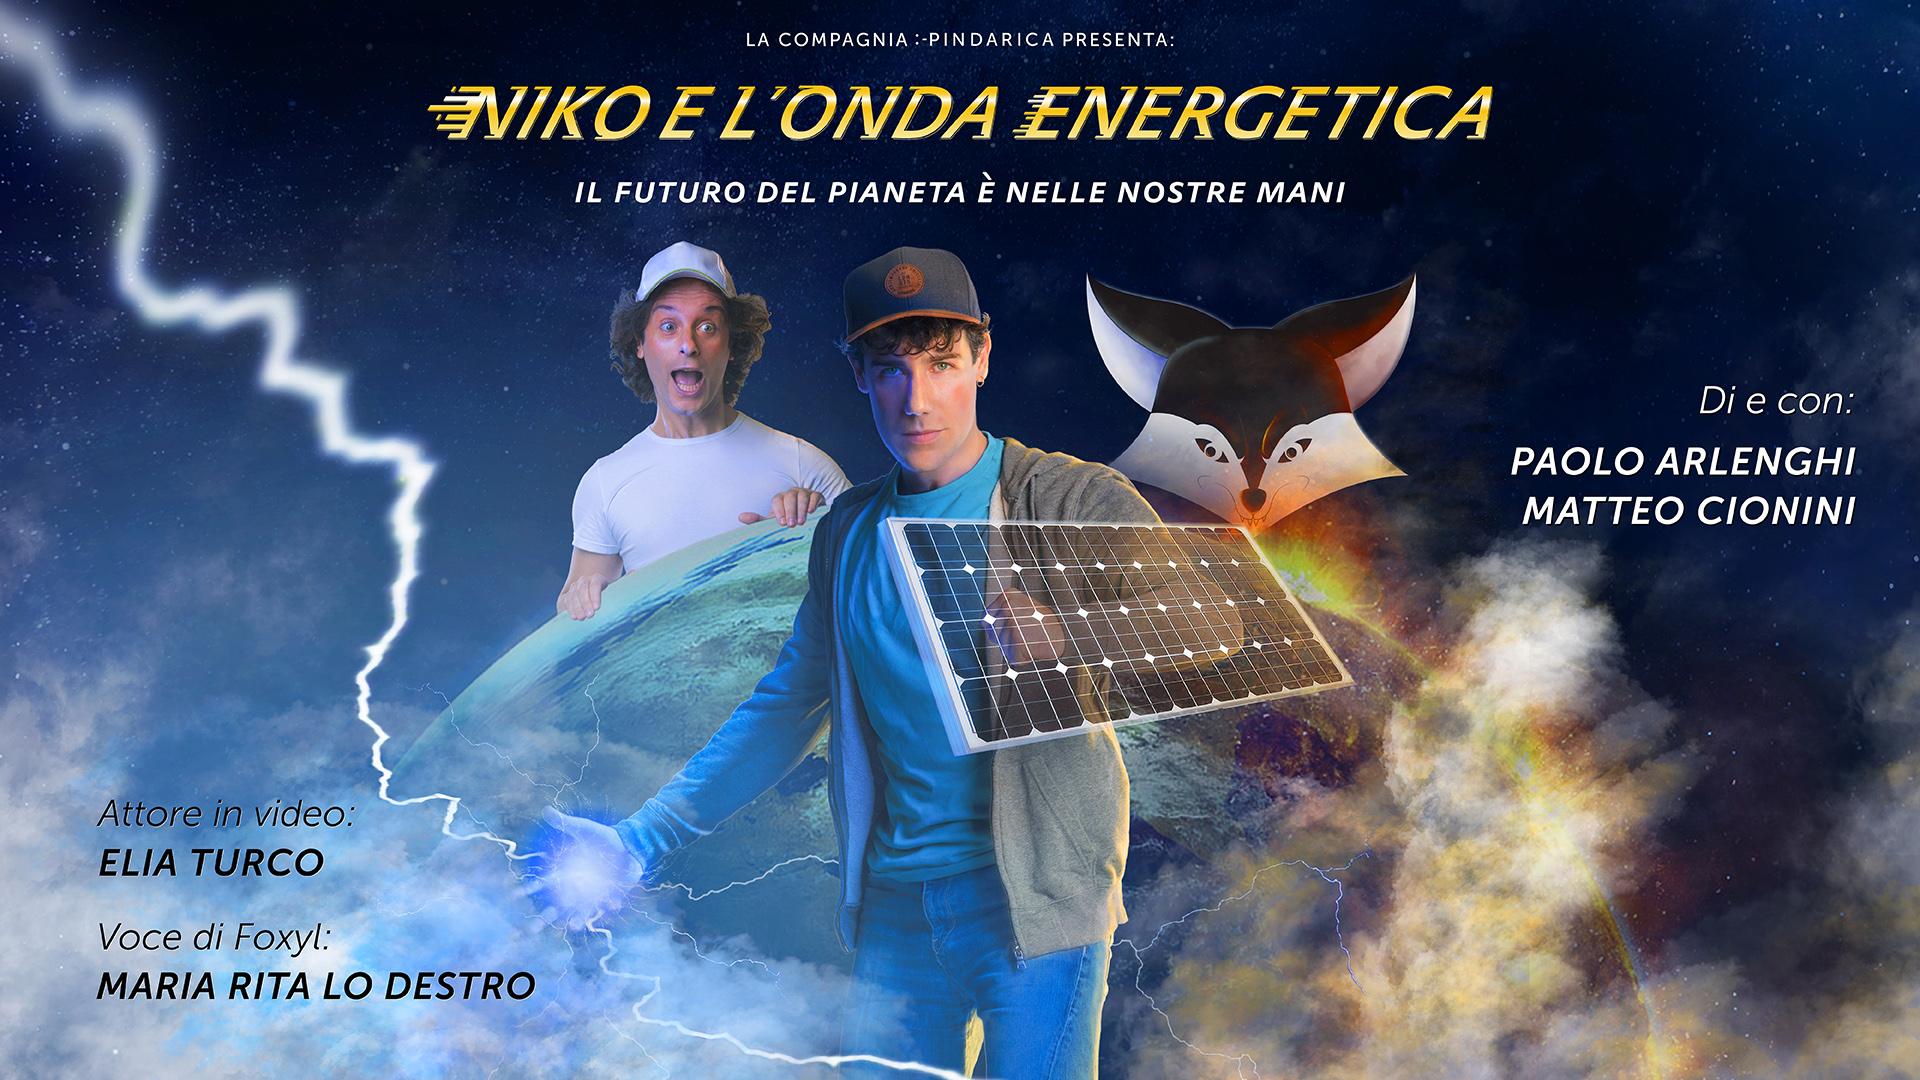 NIKO E L'ONDA ENERGETICA